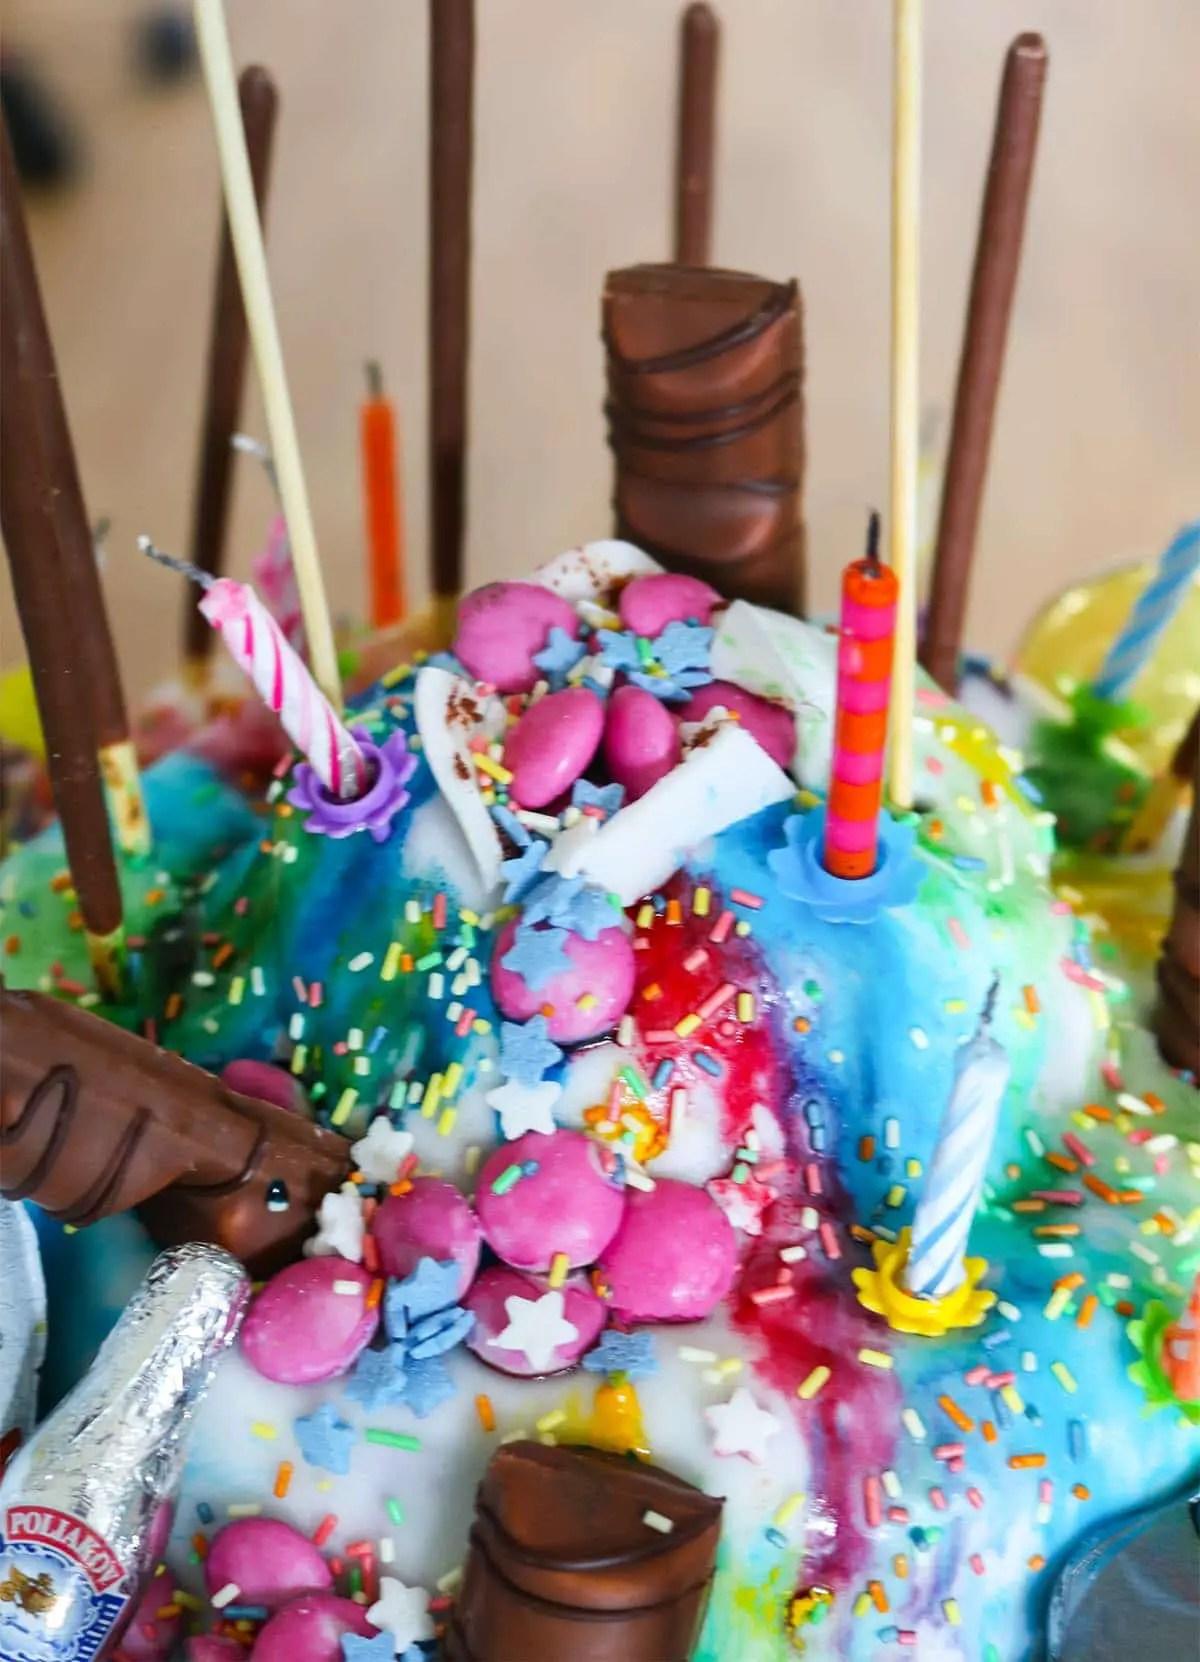 18 Geburtstag Kuchen Ideen Rostros Cakes In 2018 Pinterest Kuchen